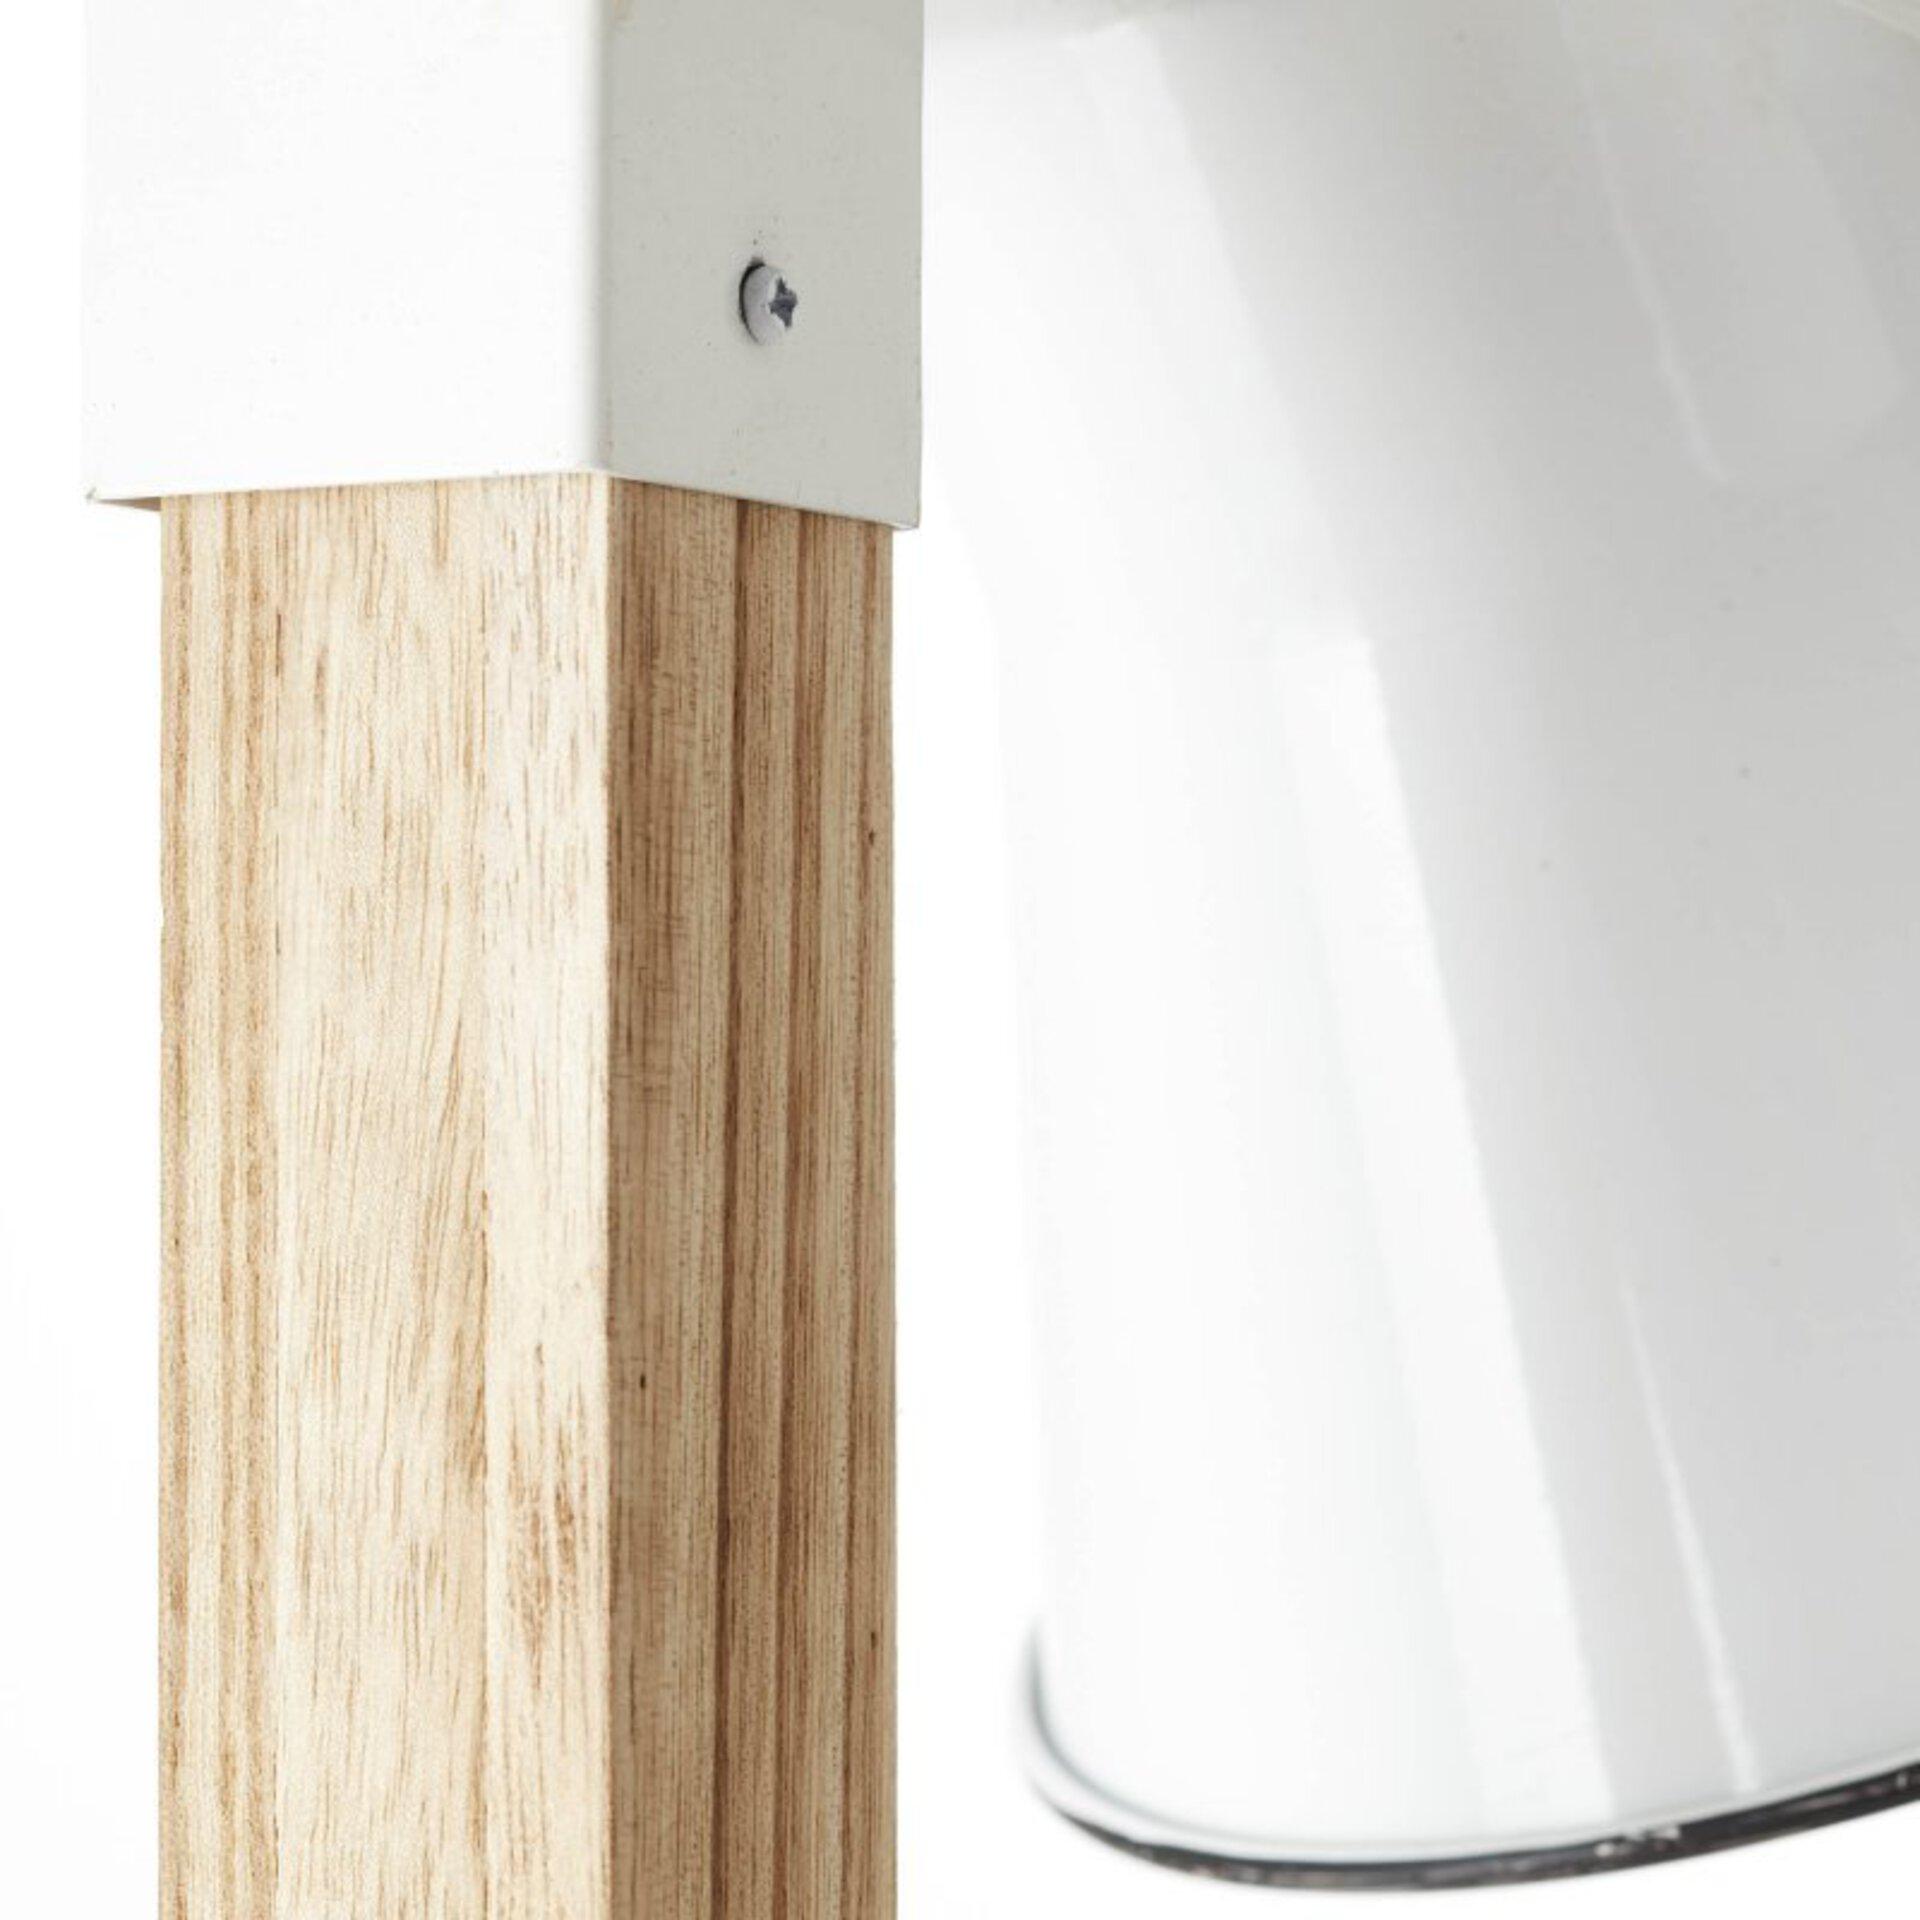 Stehleuchte PLOW Brilliant Holz 30 x 154 x 51 cm